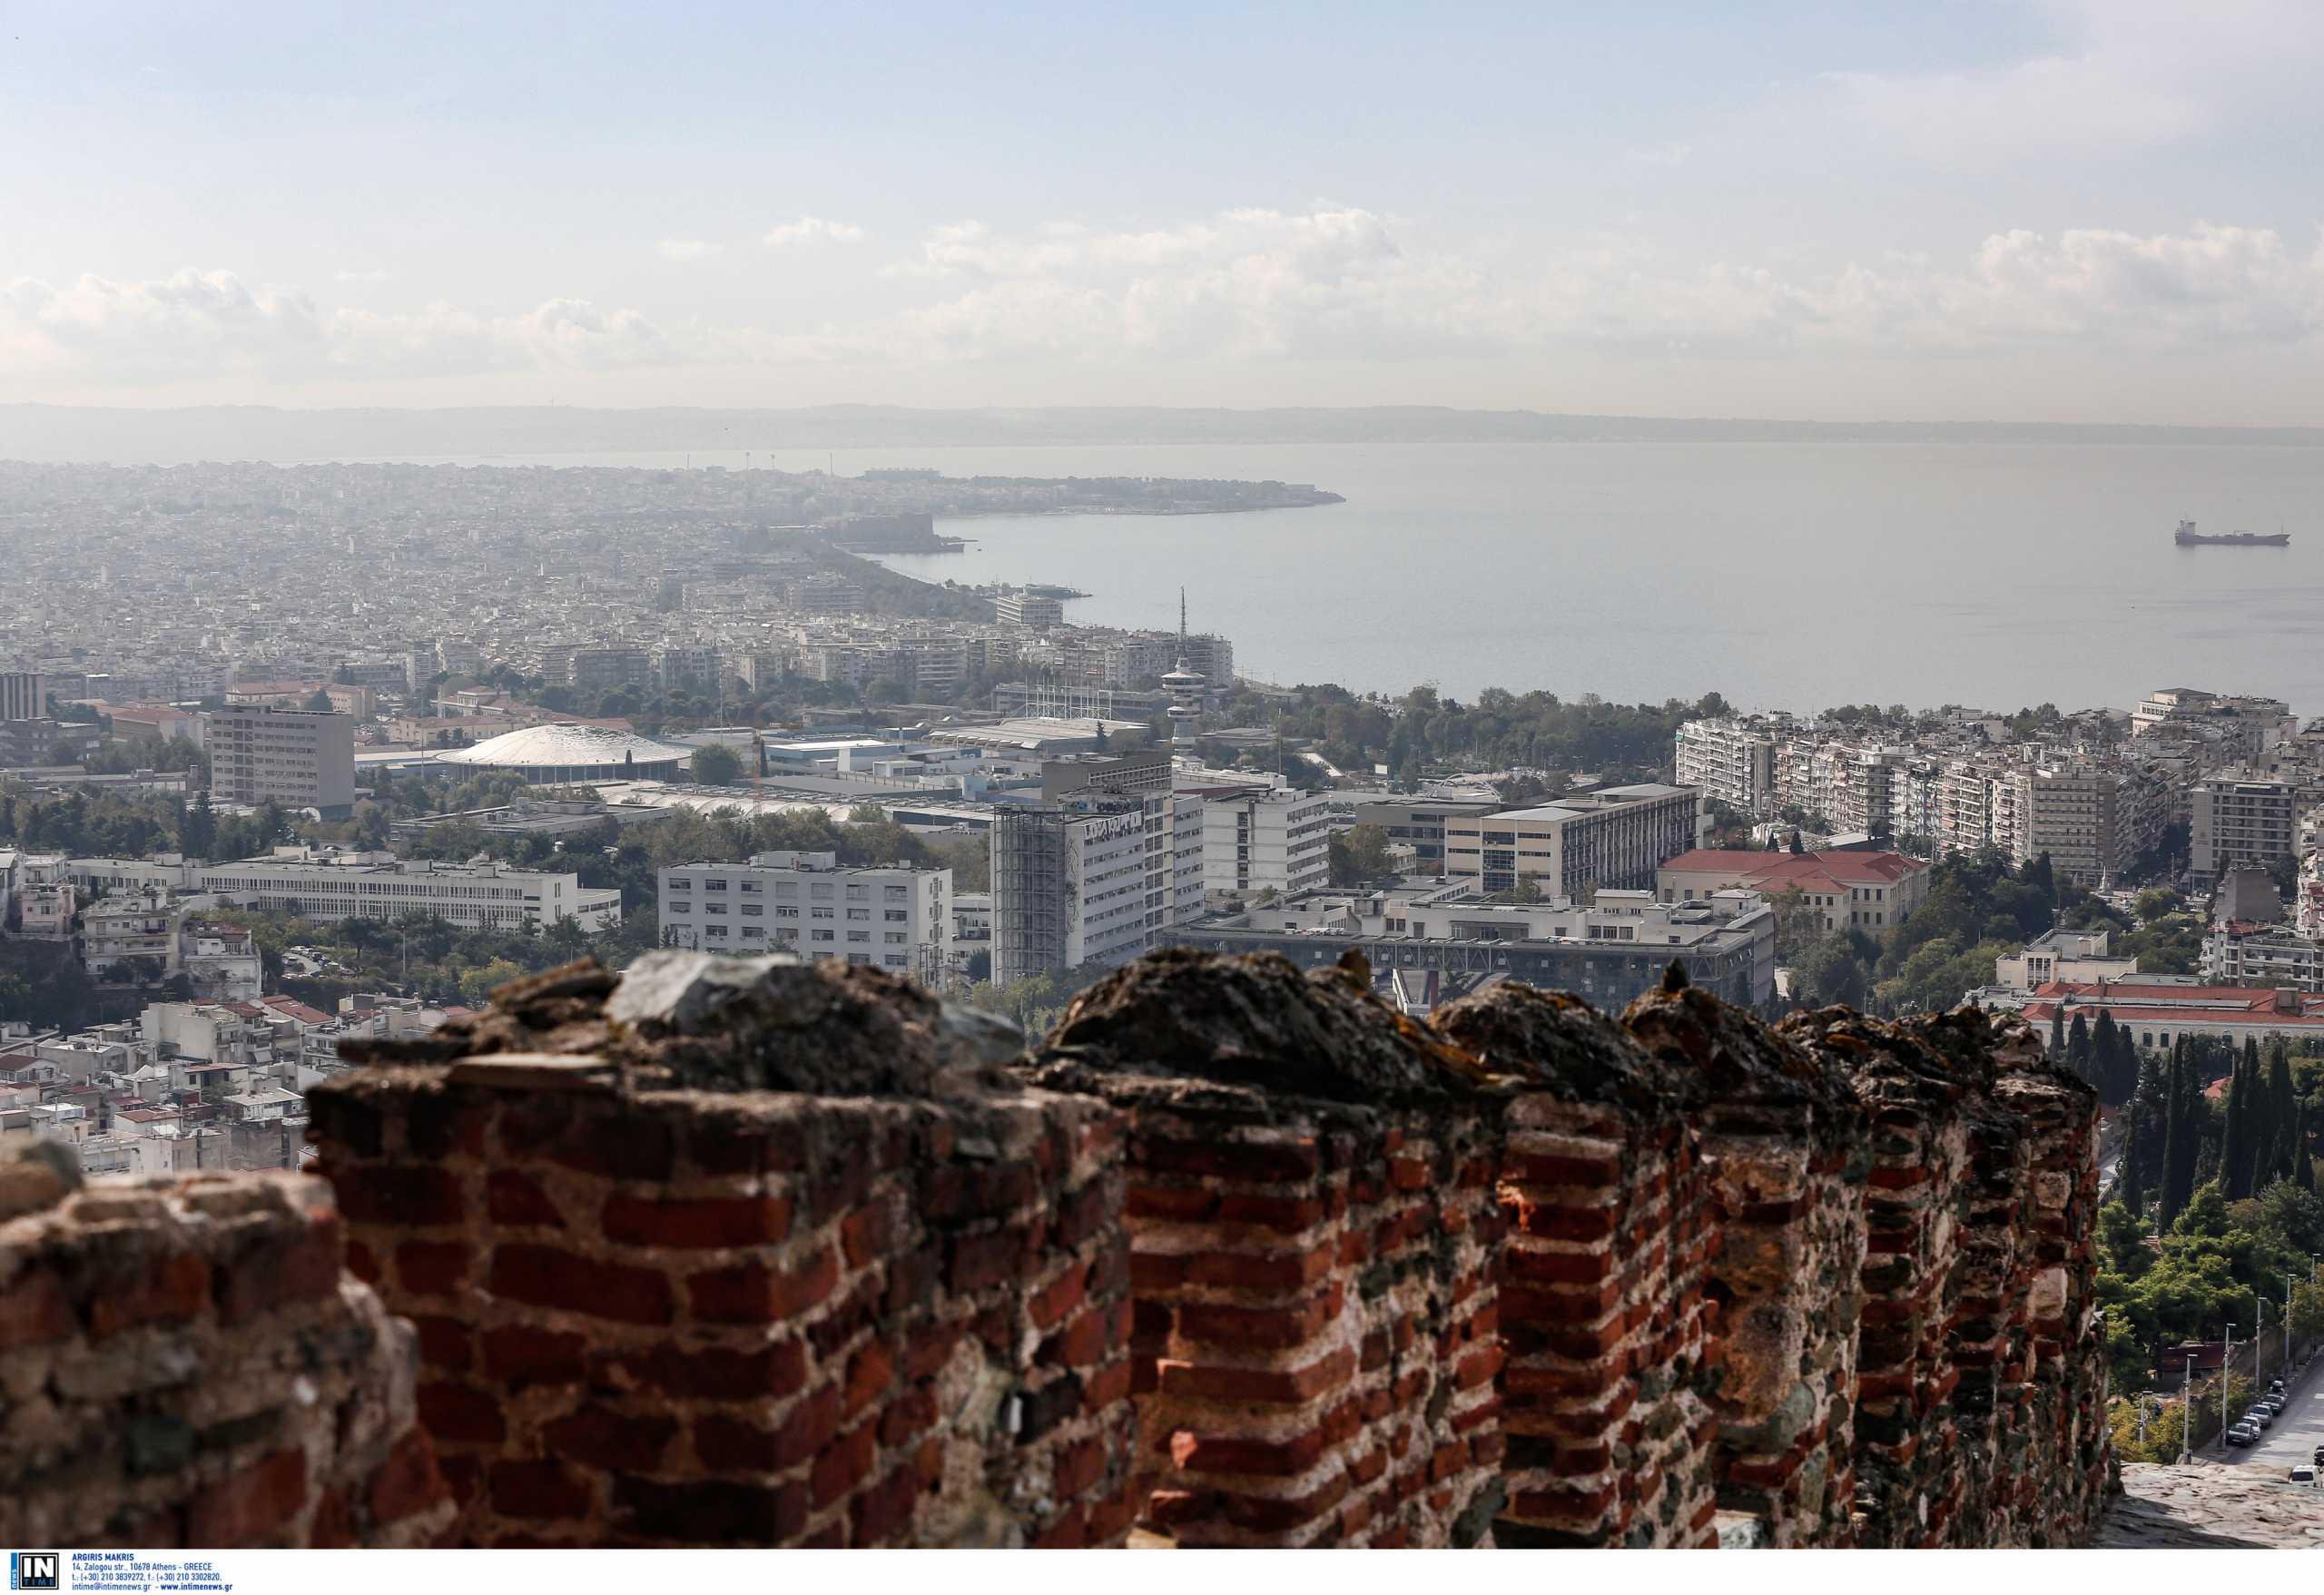 Θεσσαλονίκη: Τι έδειξαν τα λύματα για την εξάπλωση του κορονοϊού στην πόλη (pics)